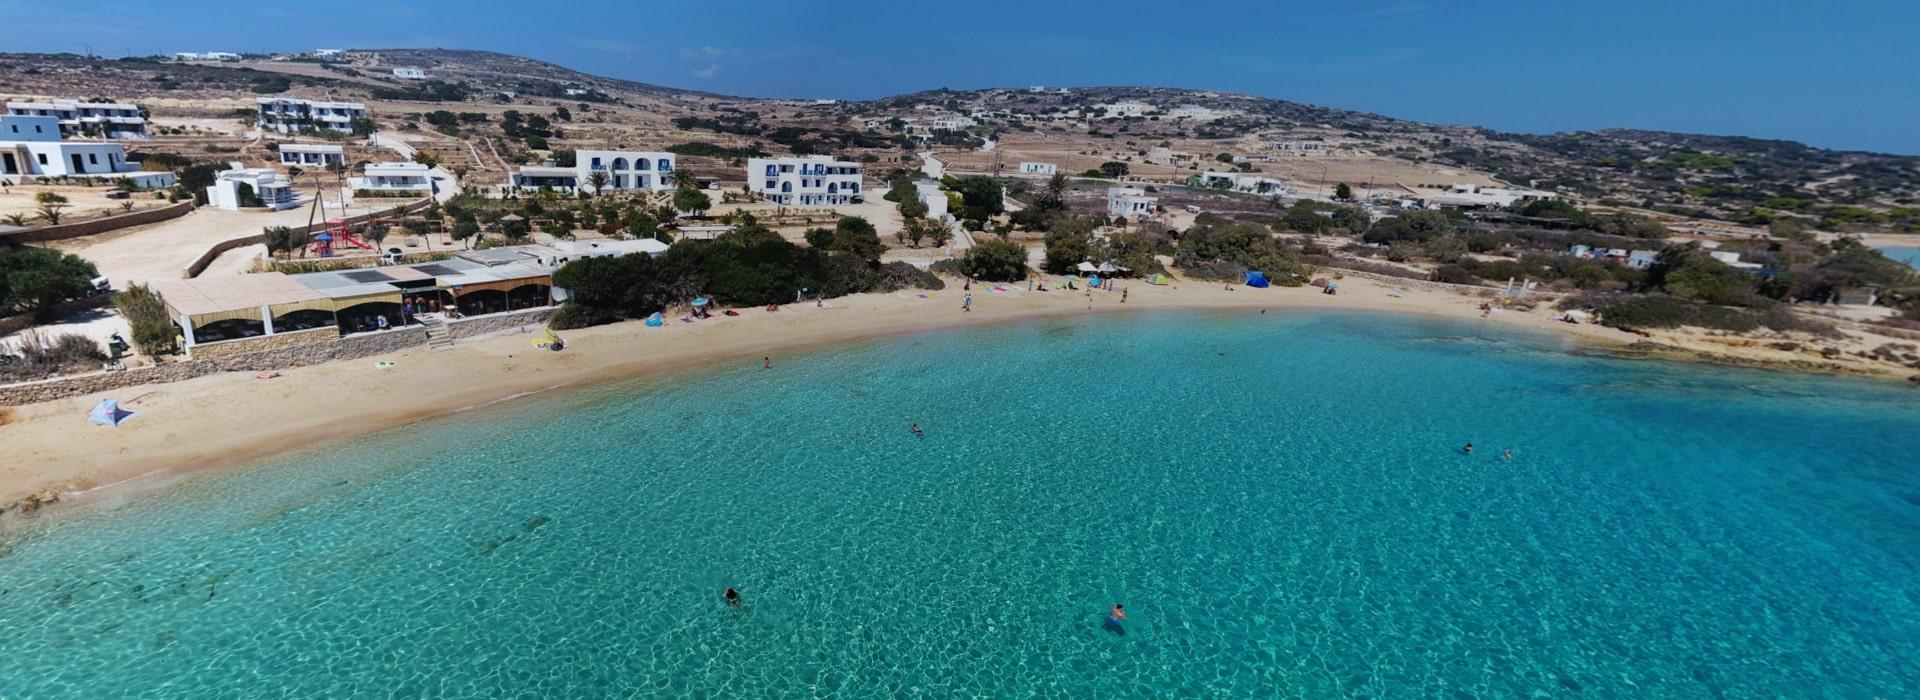 Κουφονήσια - Παραλίες | Beaches of Koufonisia